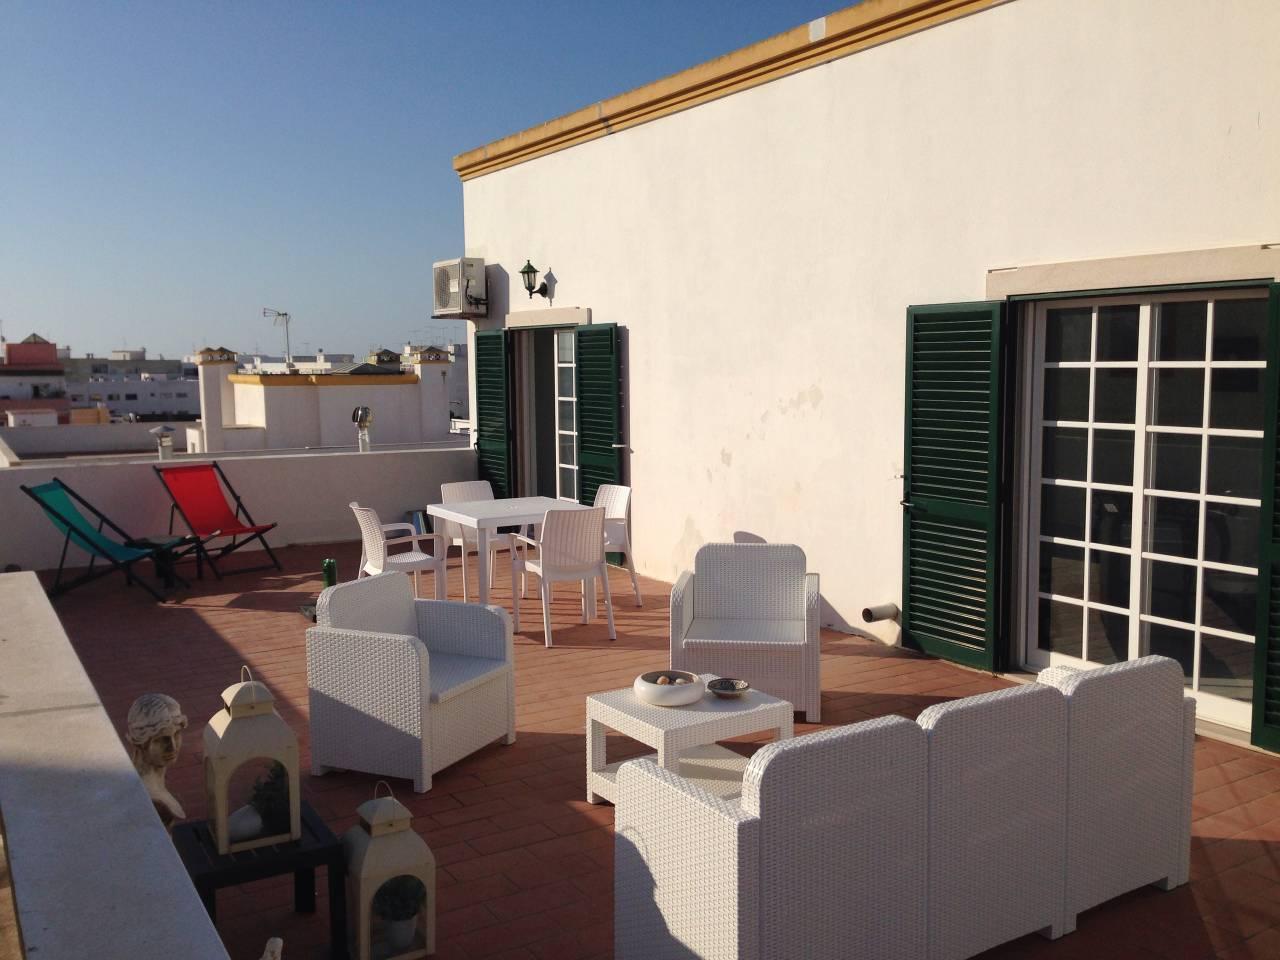 Location appartements et villas de vacance, Flat penthouse Joaquim do ô à Olhão, Portugal Algarve, REF_IMG_2934_5116